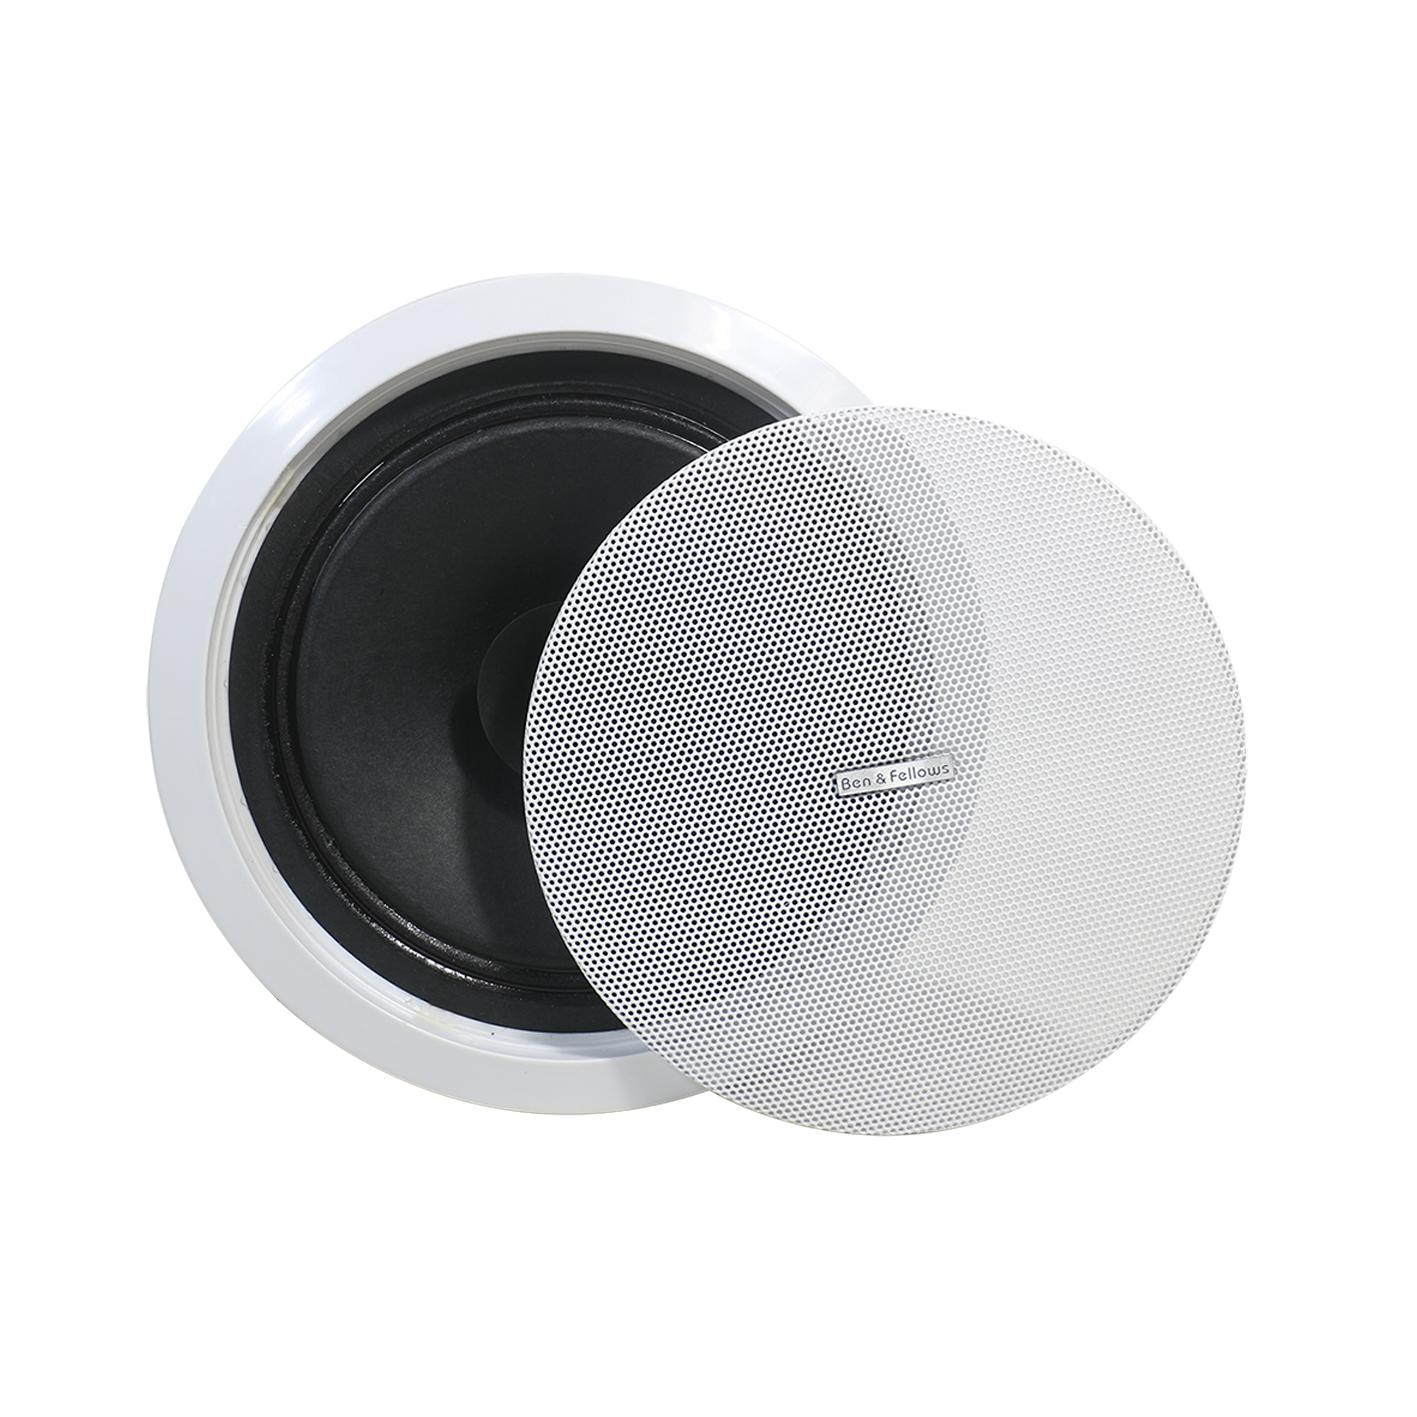 Усилитель звука в стене с сенсорным экраном 4x15 Вт, с беспроводным пультом дистанционного управления и 4 потолочными динамиками, поддерживает USB/SD/AUX/BT/FM